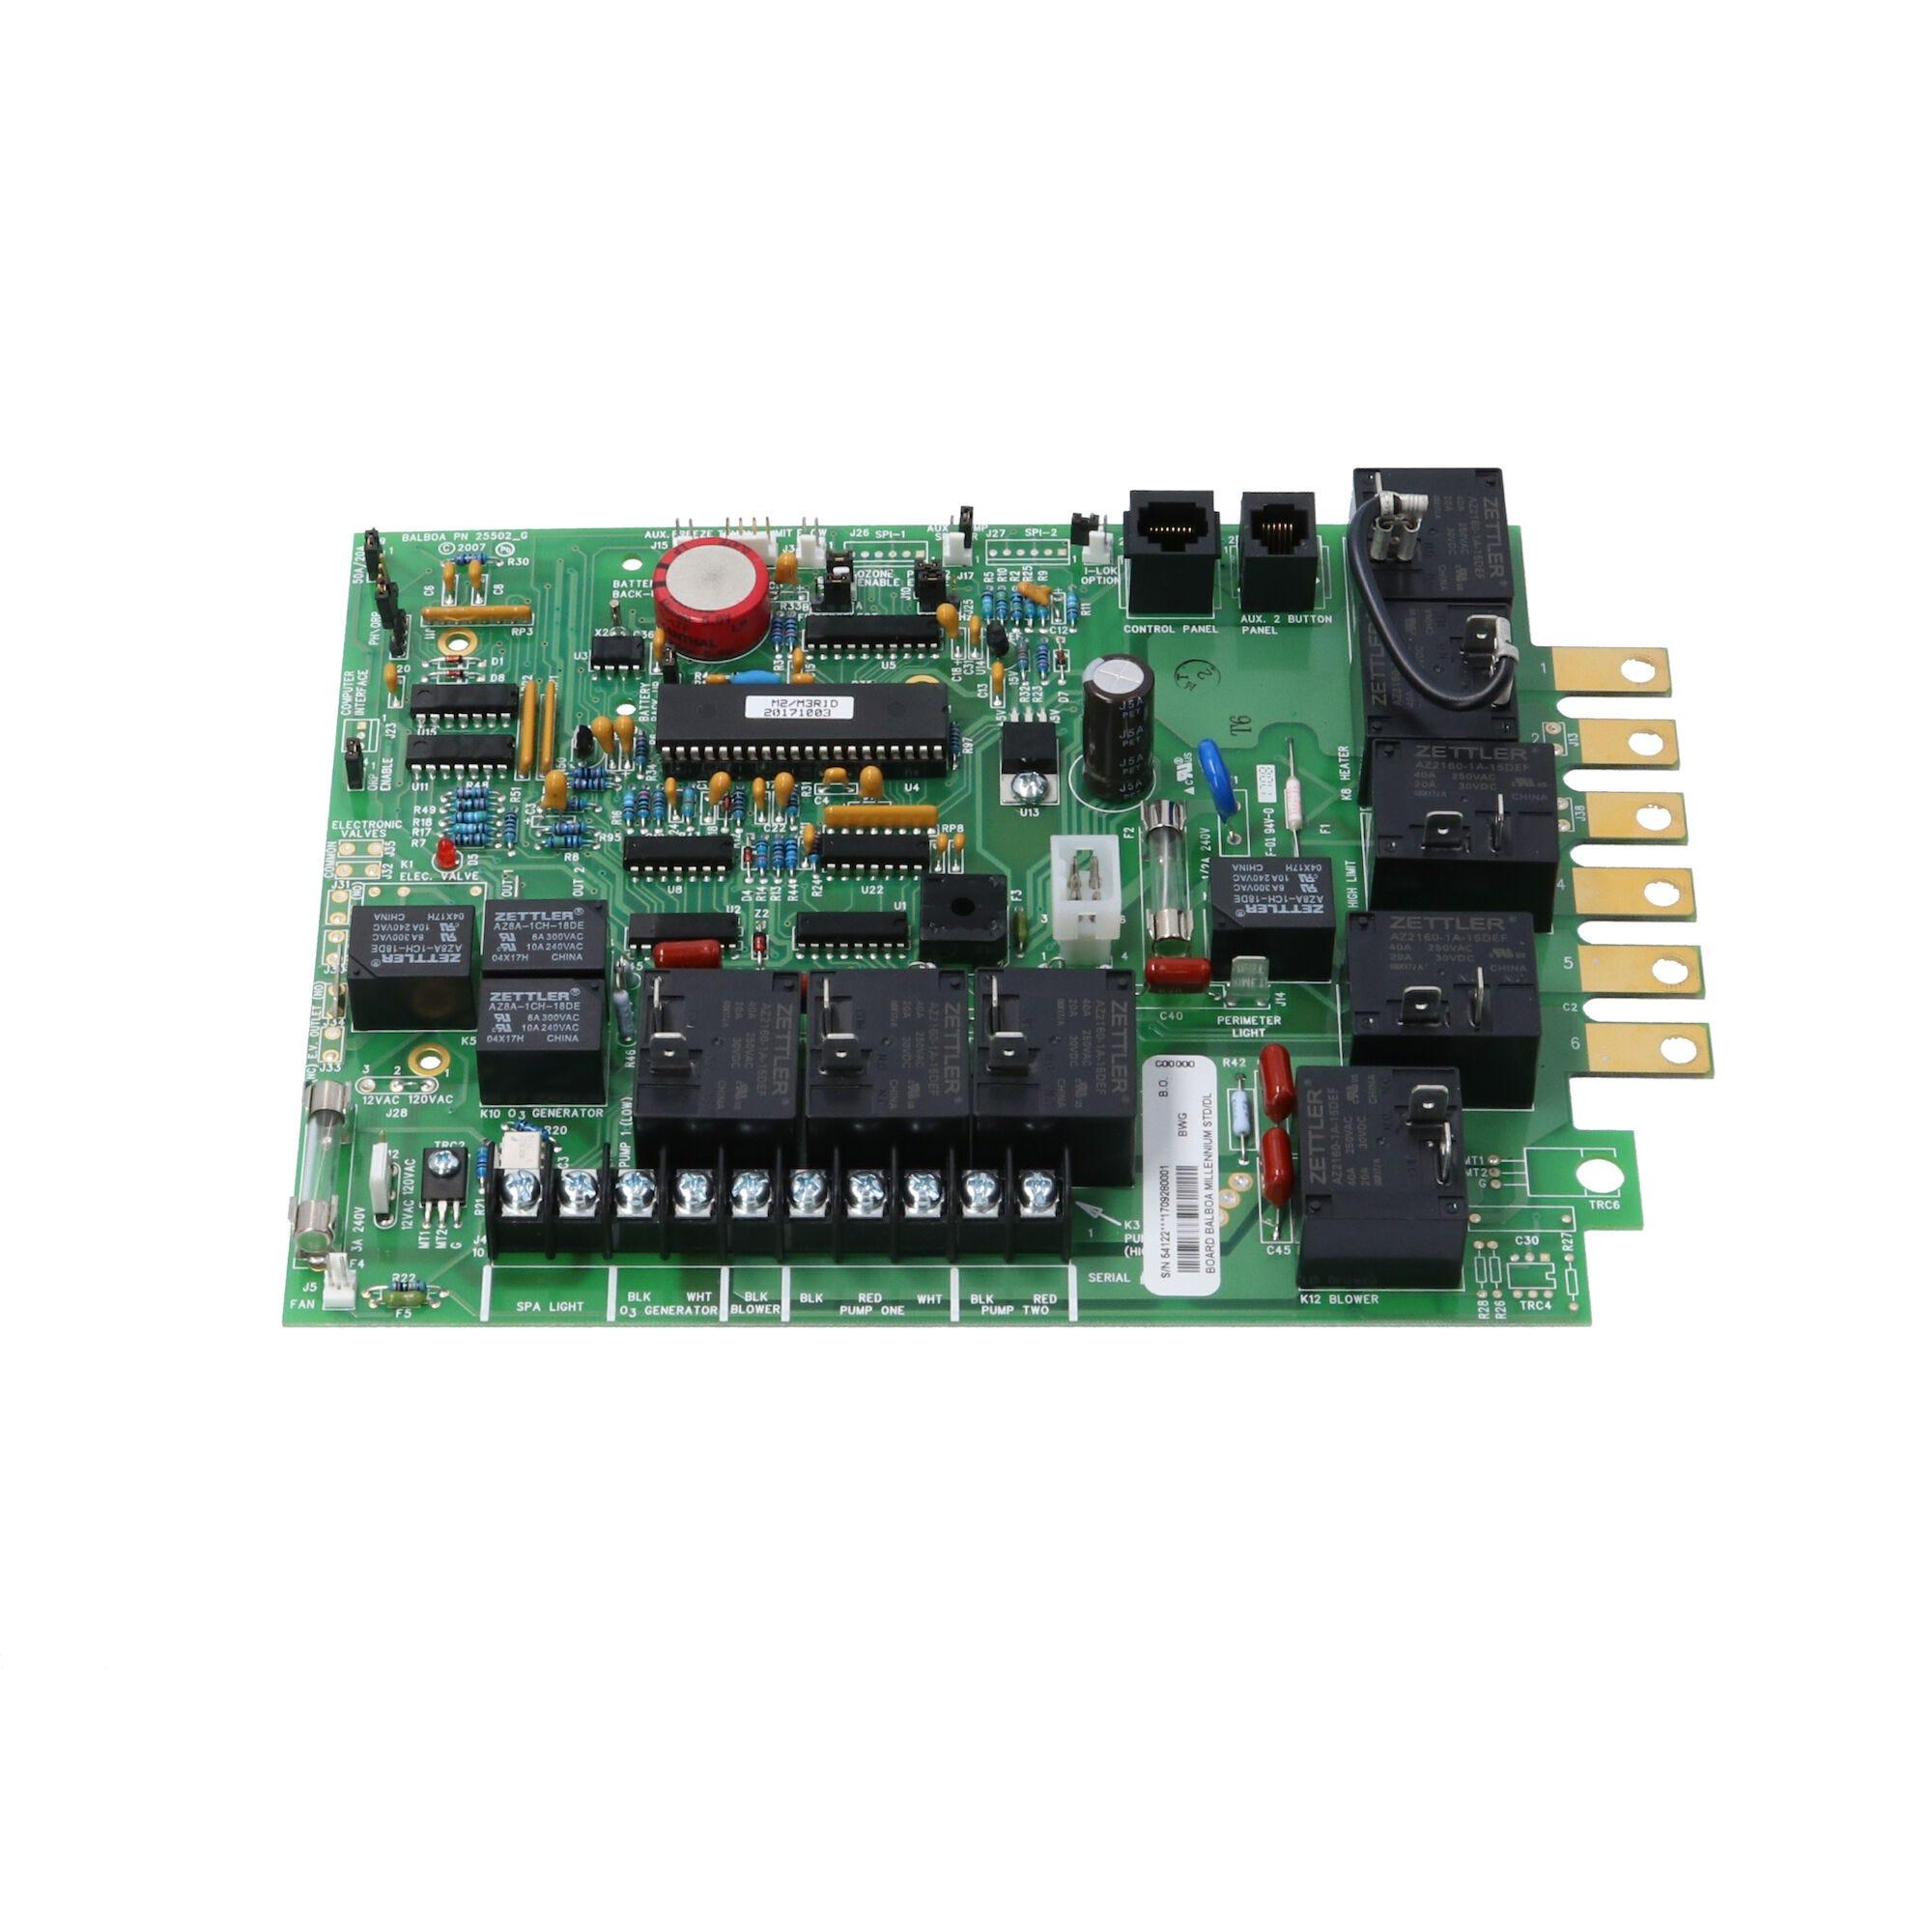 M2  M3 Circuit Board By Balboa